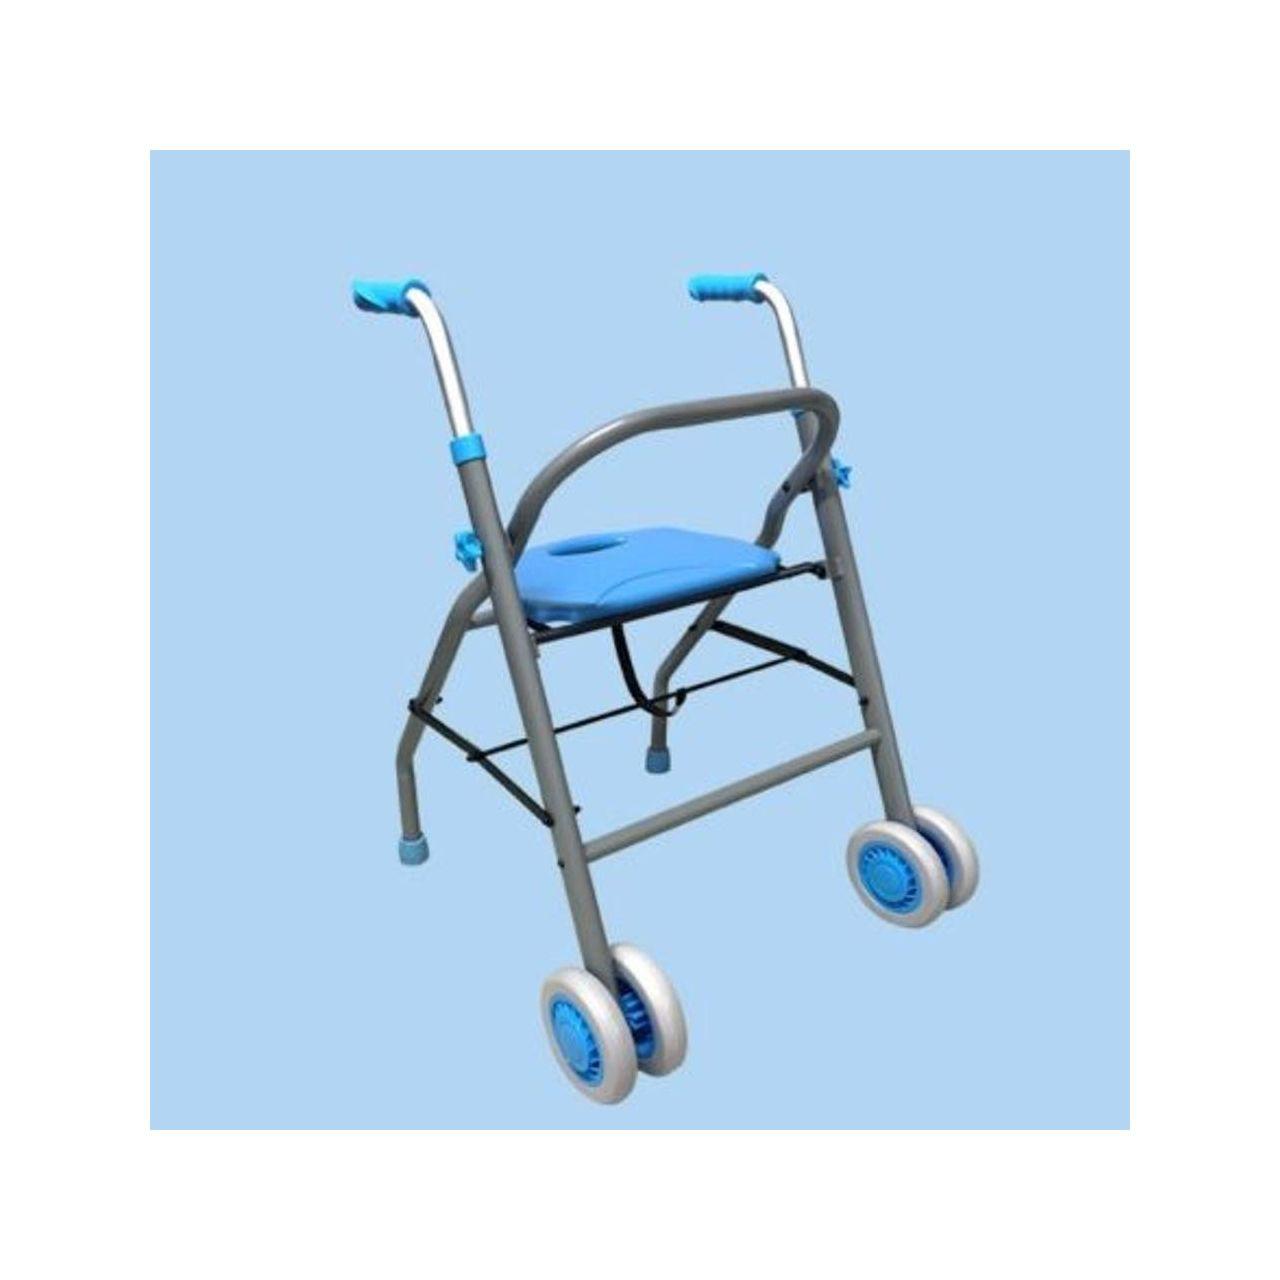 Käimisraam istmega, 2-rattaline